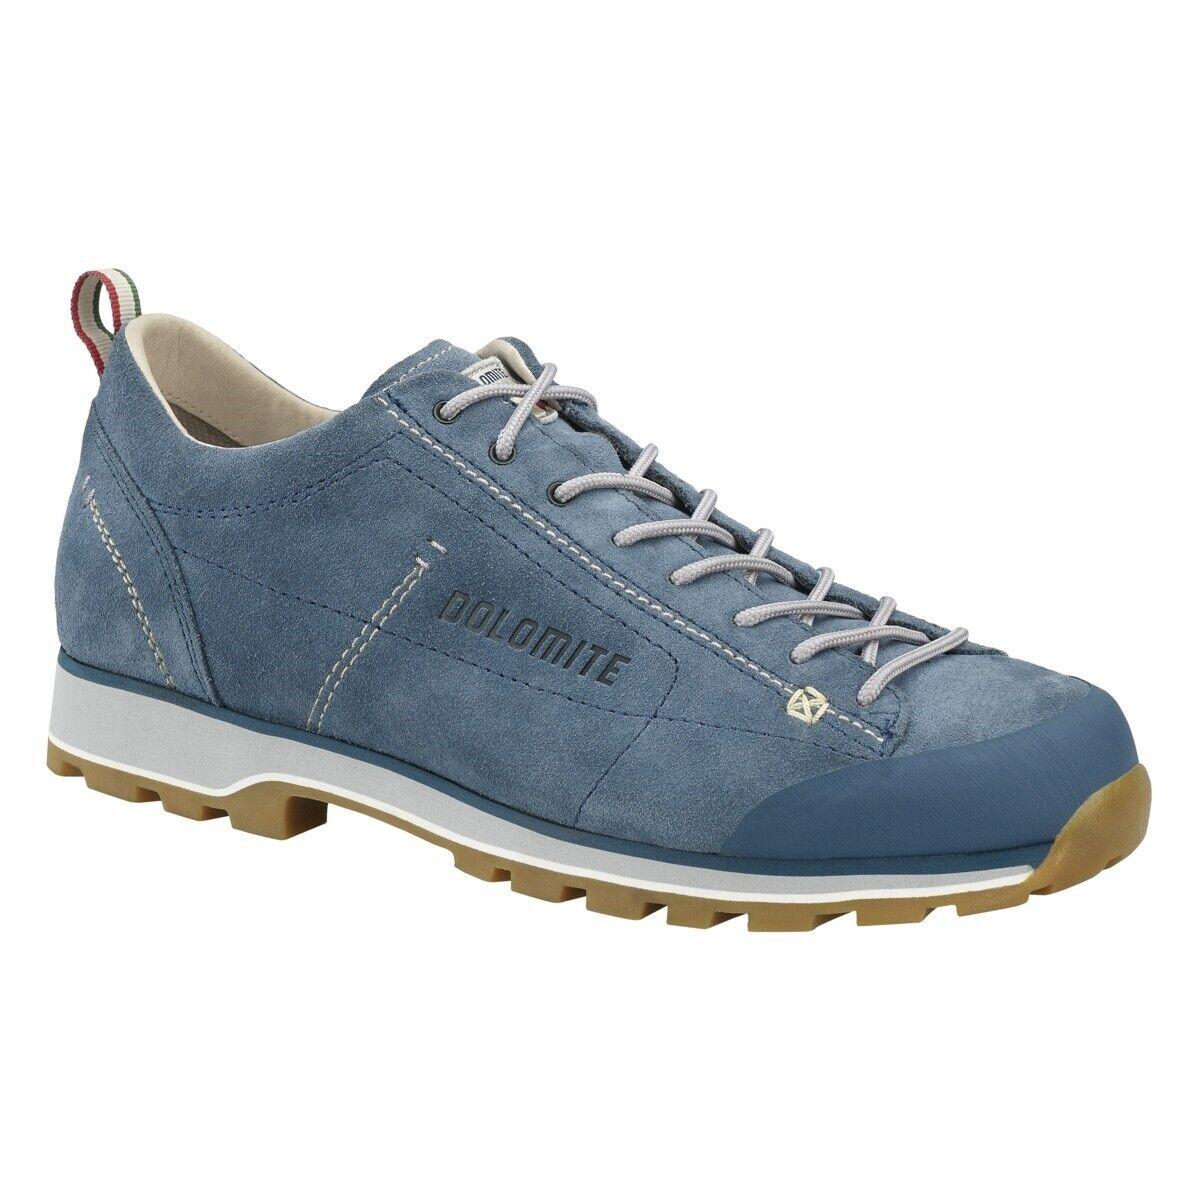 247950 0587 cinquantaquattro l Outdoor Schuh von Dolomite